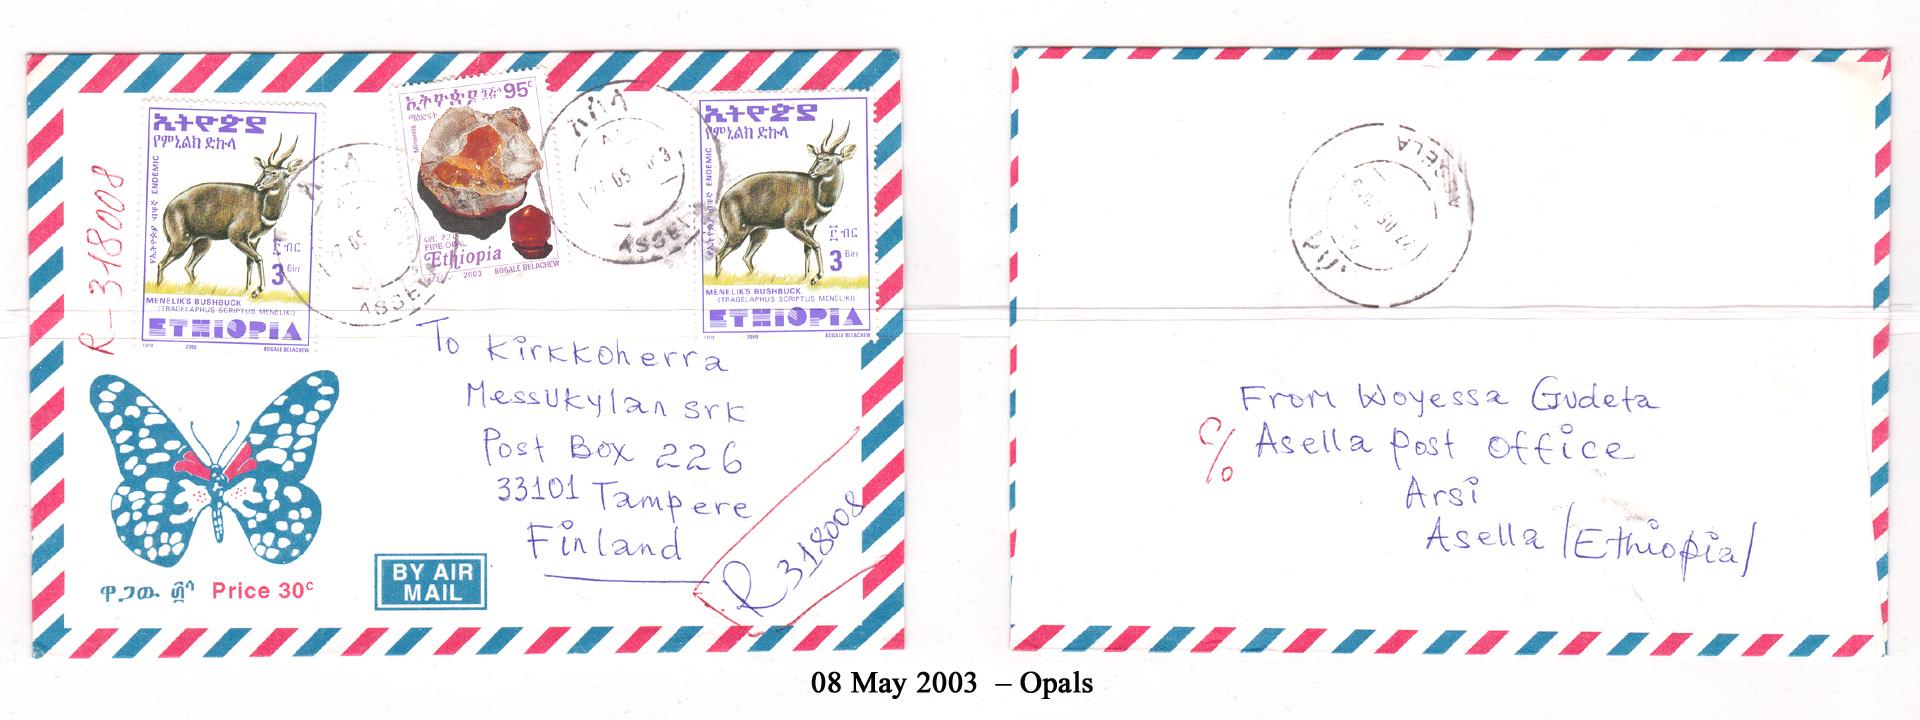 20030508 - Opals